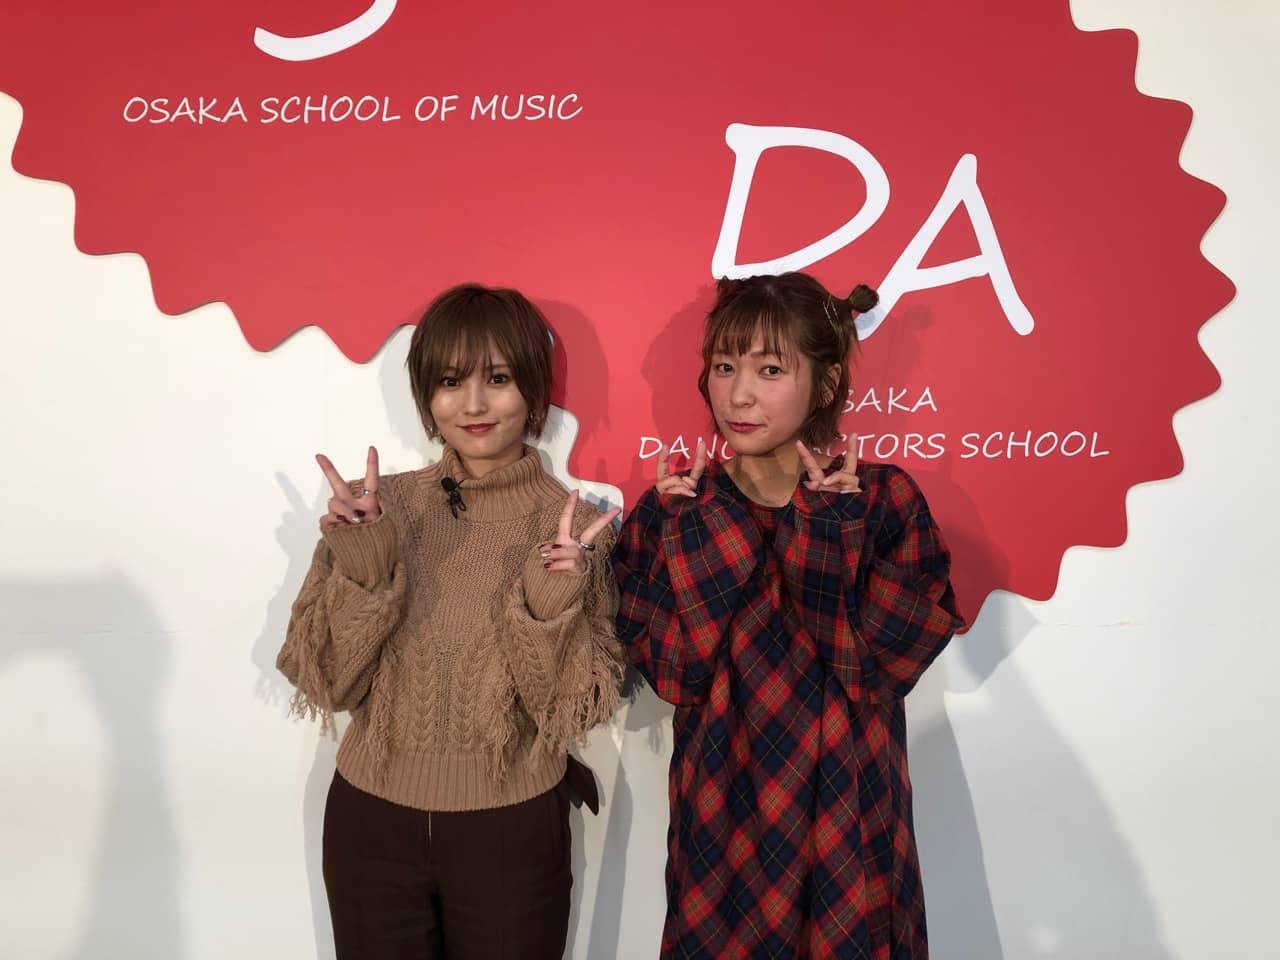 山本彩が「音エモン」にゲスト出演、アルバムや全国ツアーについてインタビュー